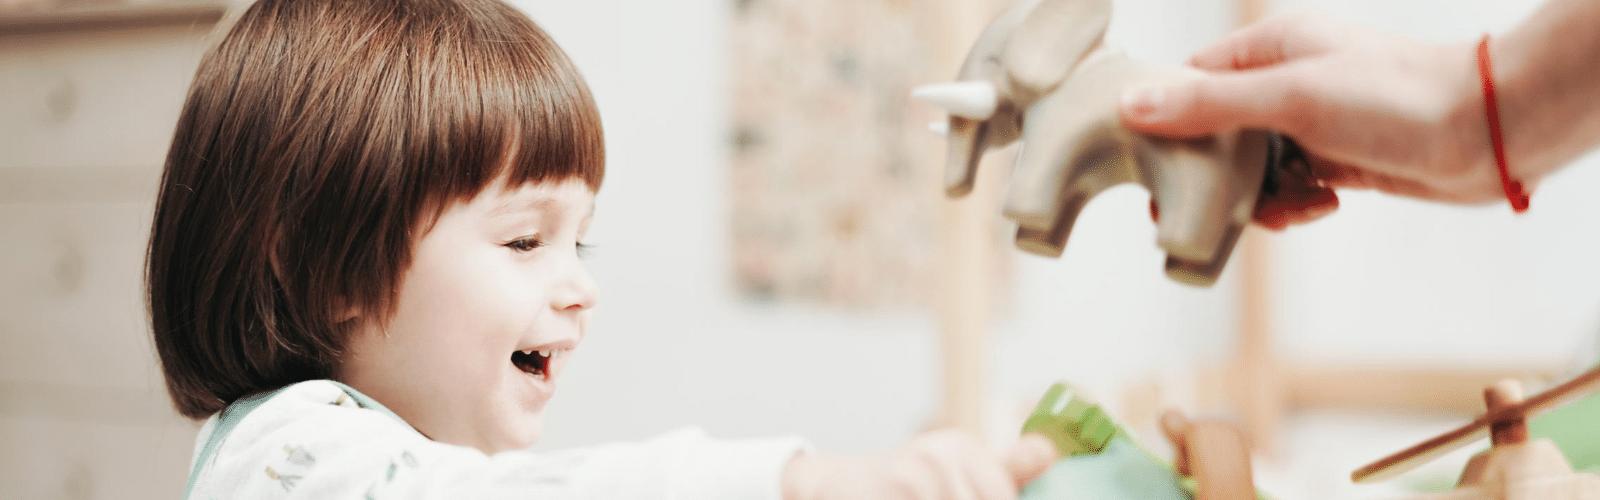 Pourquoi le babysitting est-il bénéfique pour l'enfant ?